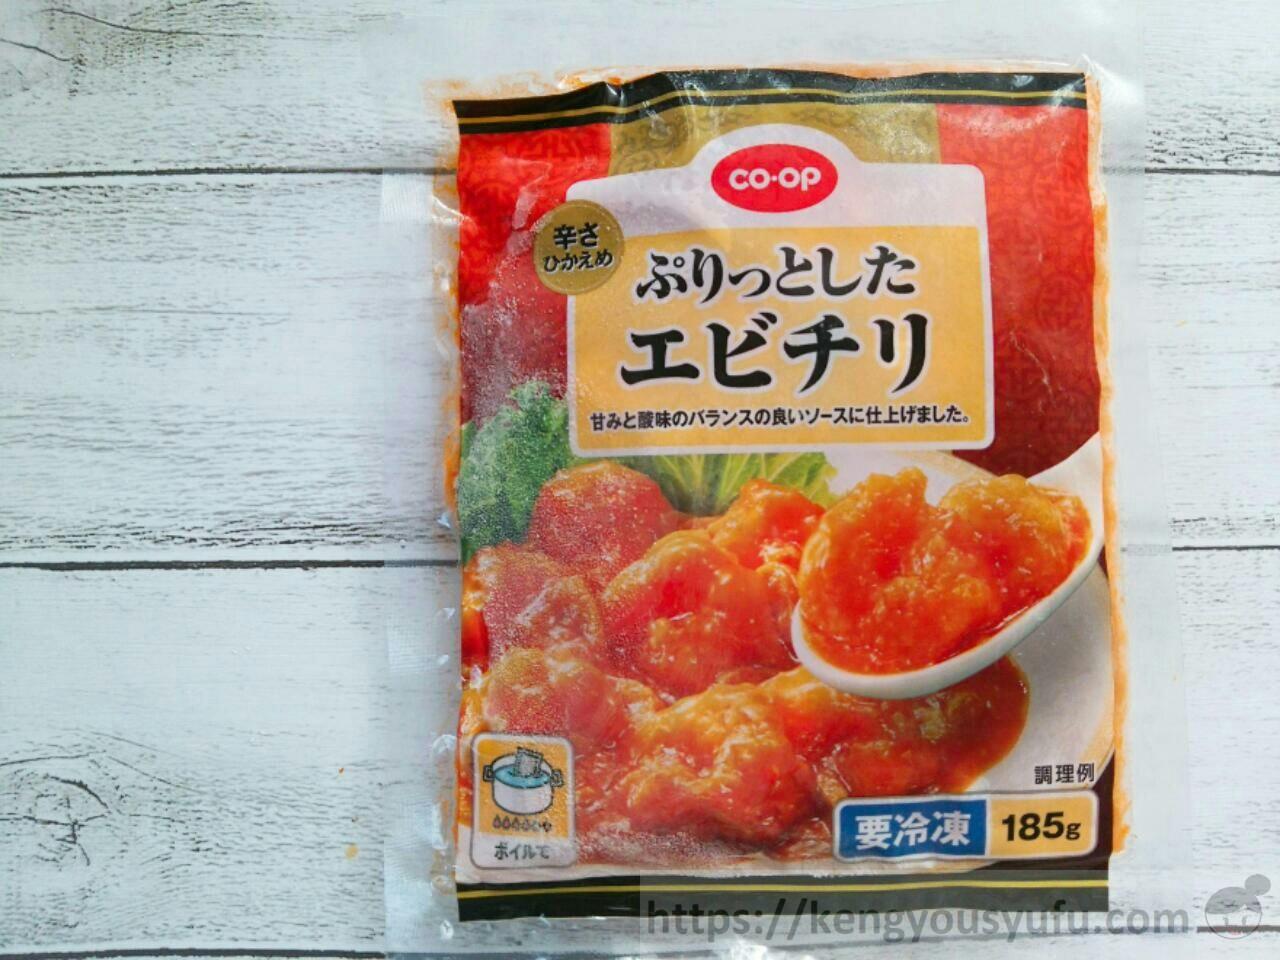 コープ「ぷりっとしたエビチリ」湯煎で簡単調理できる!